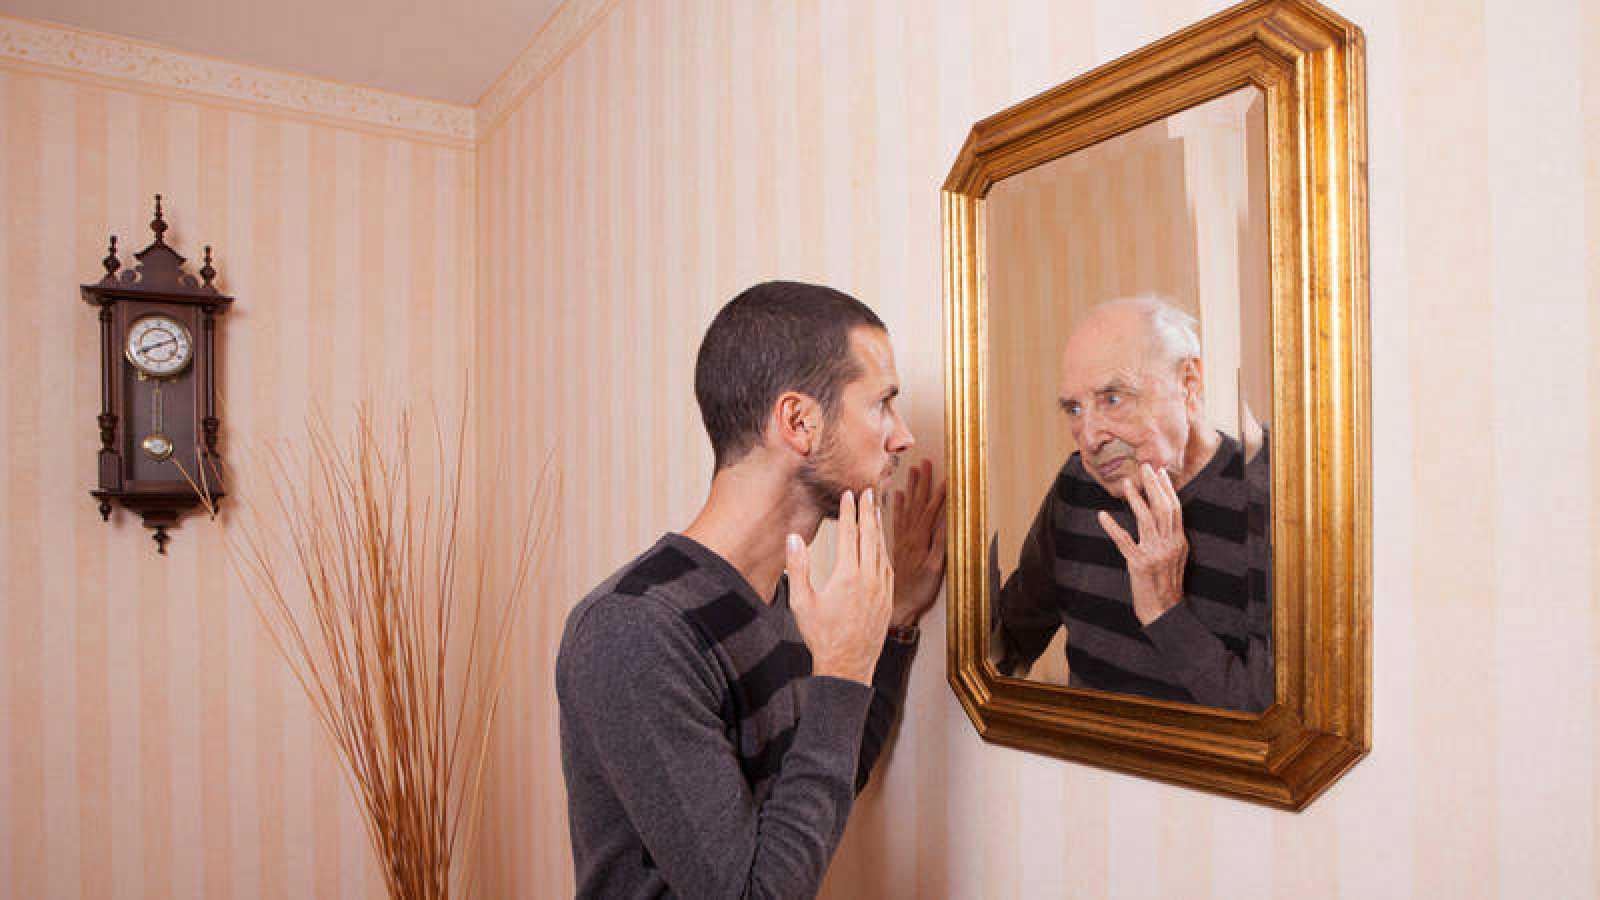 El envejecimiento es un reto para el sistema de salud pública y un enigma científico para los biólogos evolutivos.